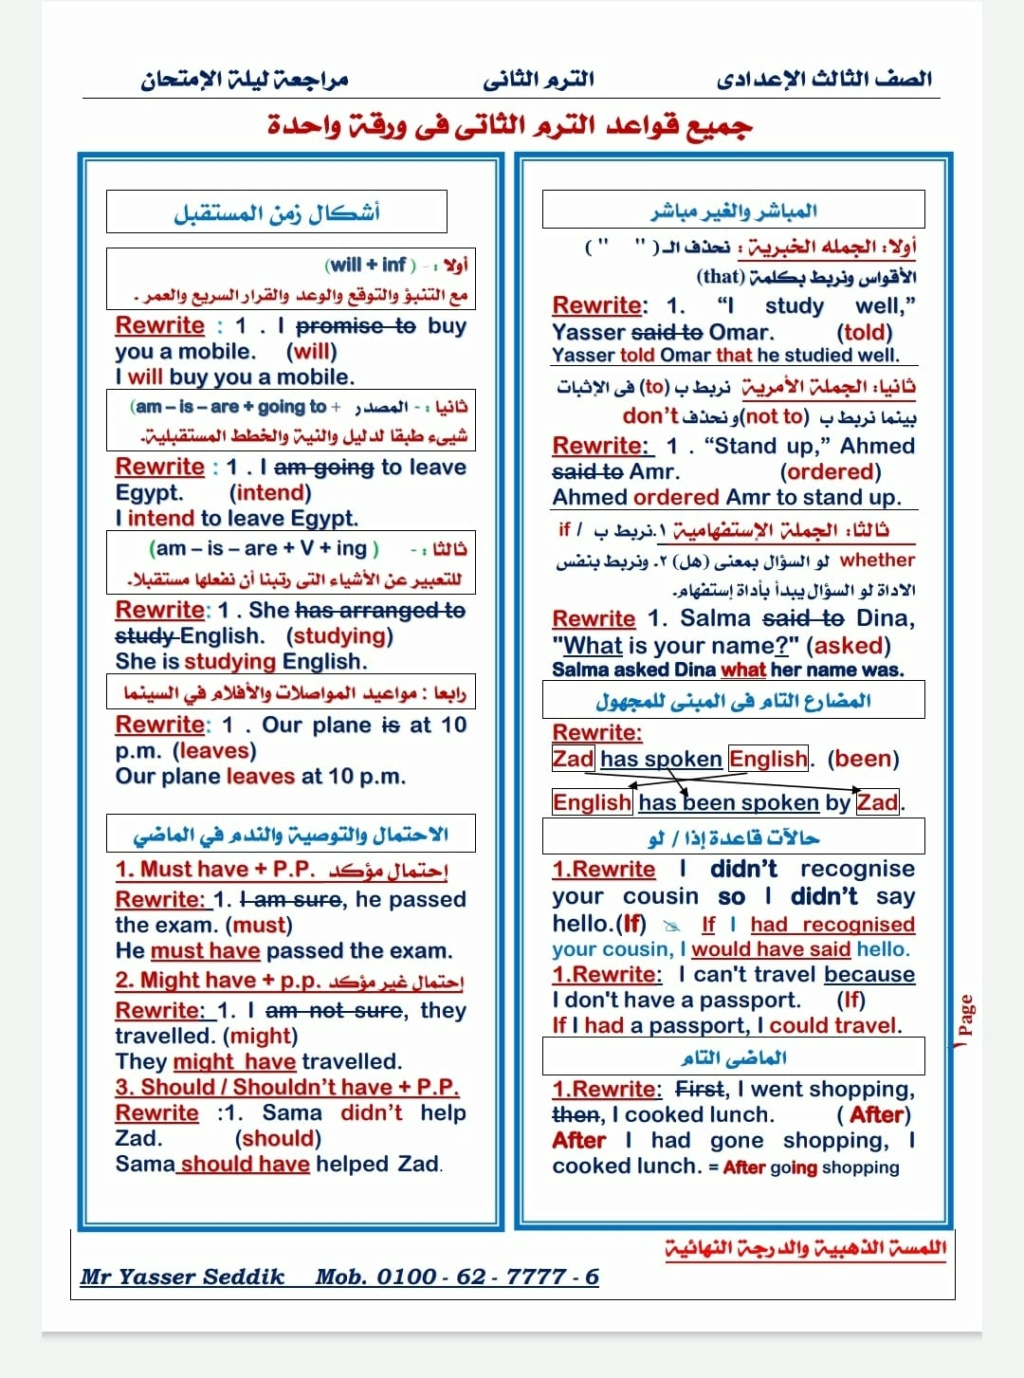 مراجعة ليلة الإمتحان.. جميع قواعد اللغة الانجليزية للصف الثالث الاعدادى الترم الثانى فى ورقة واحدة 1532